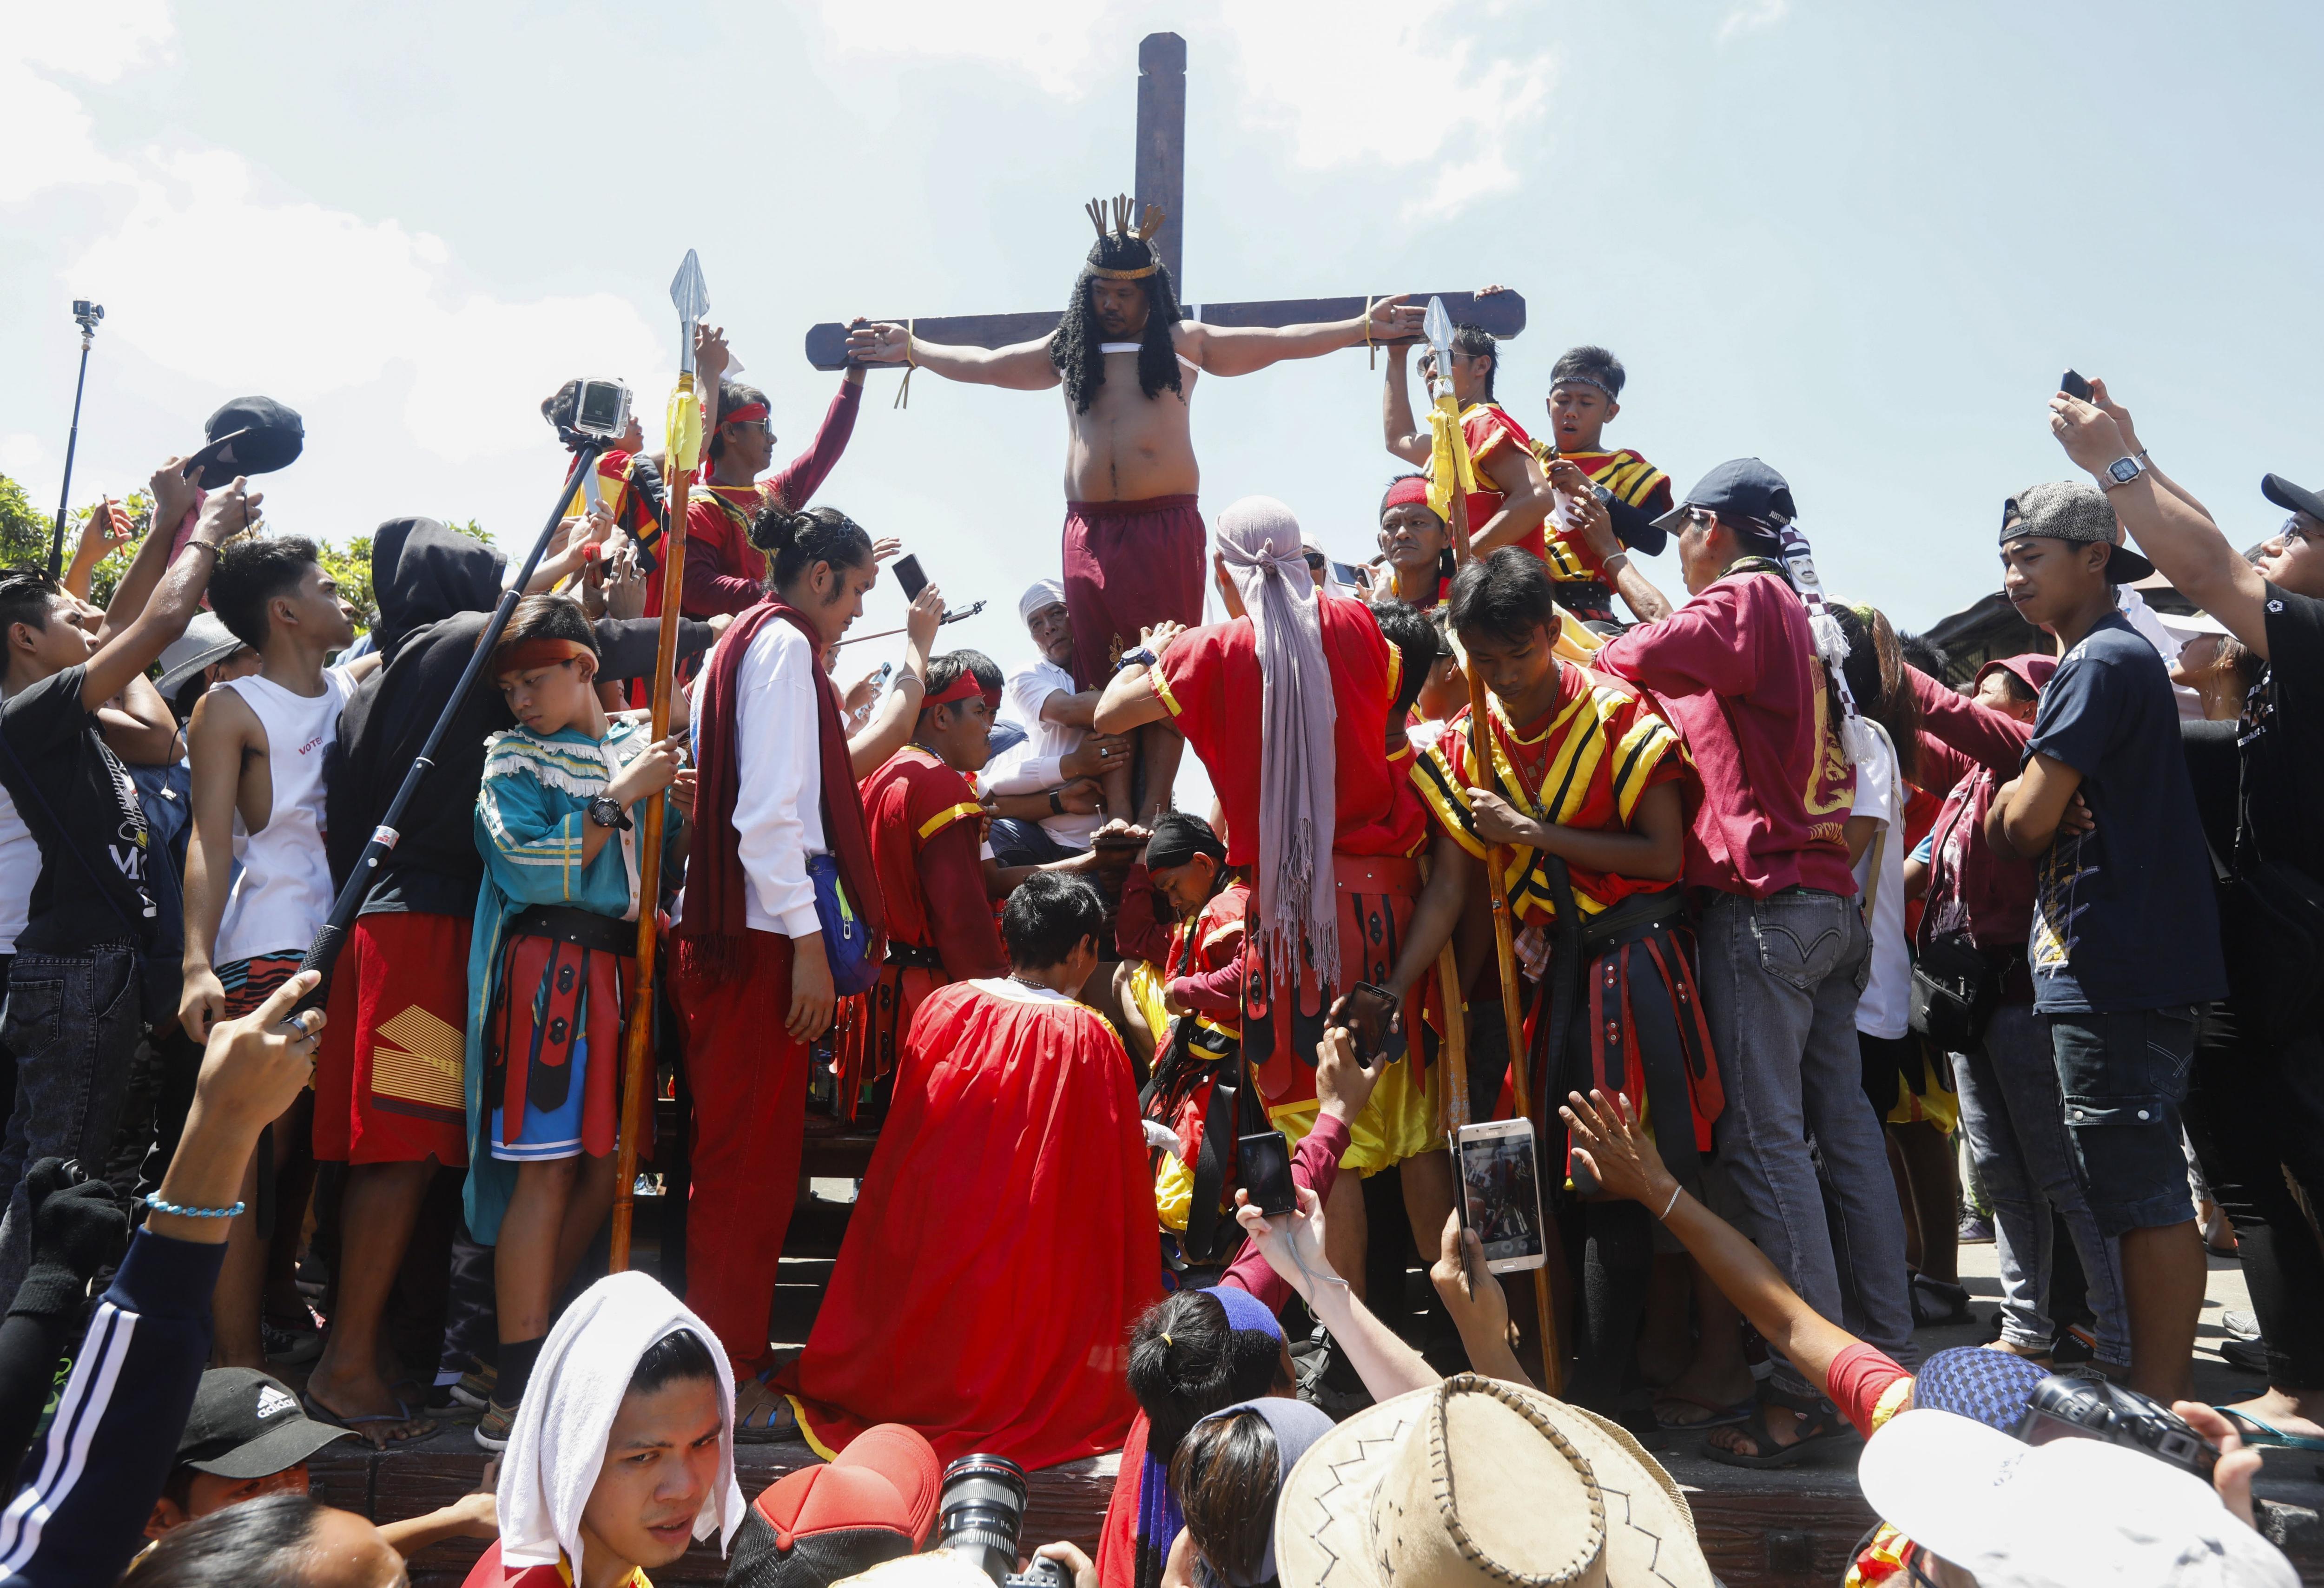 """ROL05 MALOLOS (FILIPINAS) 14/04/2017.- Un penitente filipino es crucificado en público para recordar el sufrimiento de Cristo durante la celebración del Viernes Santo en el norte de Manila (Filipinas), hoy, 14 de abril de 2017. Más de diez devotos son crucificados hoy frente a decenas de miles de fieles en esta ciudad al norte de Manila, entre ellos el llamado """"Jesucristo de Pampanga"""", que se clava en la cruz por 31 año consecutivo. EFE/Rolex Dela Pena"""